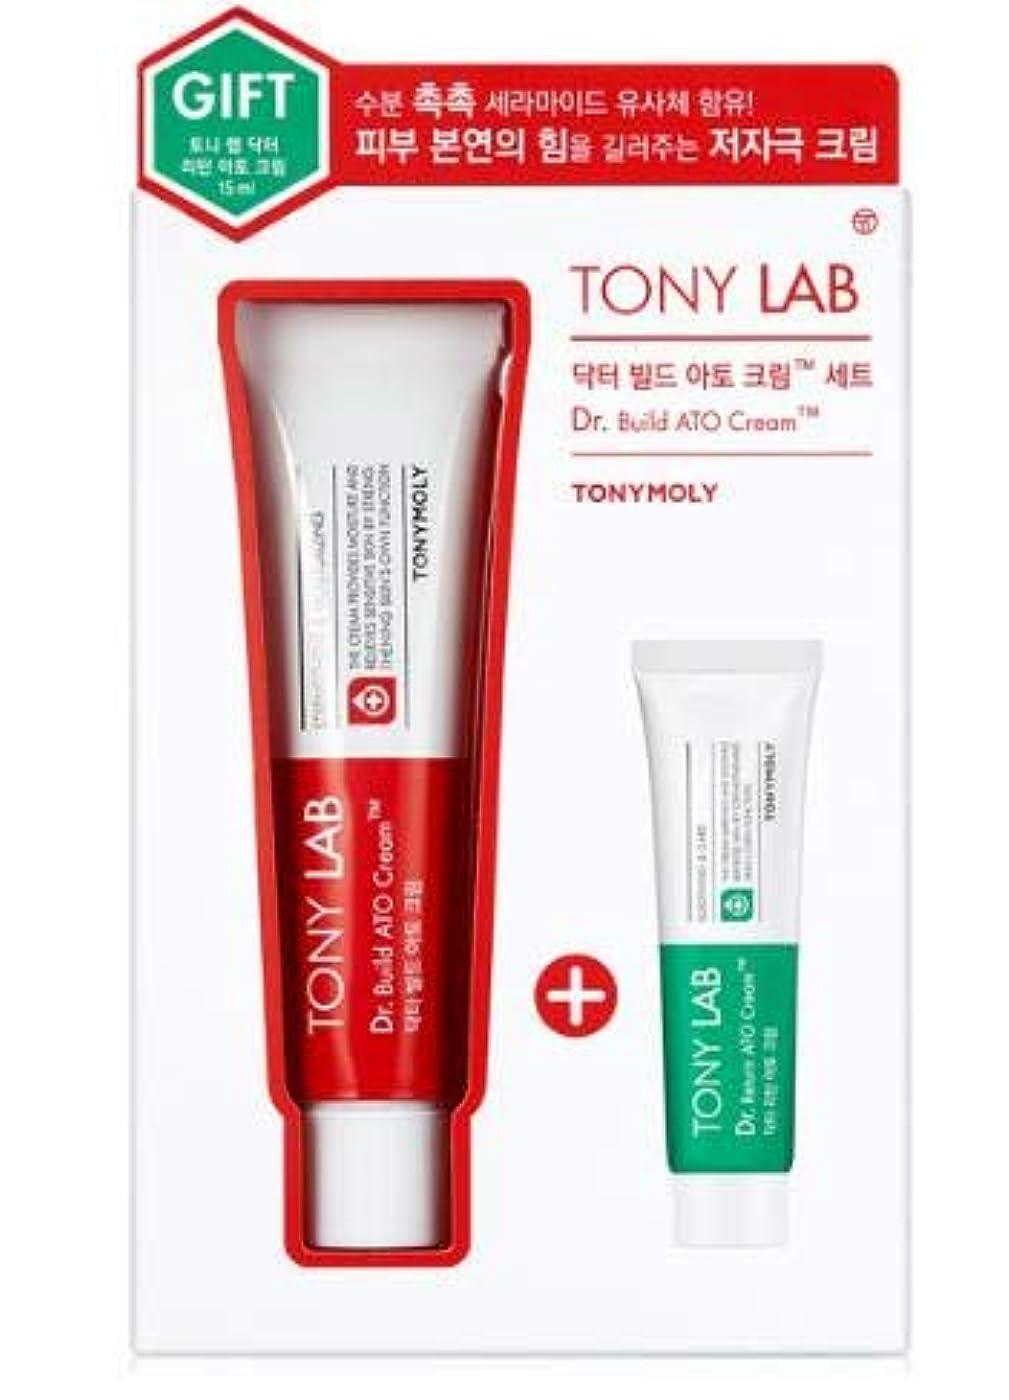 避難本会議解決TONY MOLY Tony Lab Dr. Build ATO Cream トニーモリー トニーラボ ドクター ビルド アト クリーム [並行輸入品]